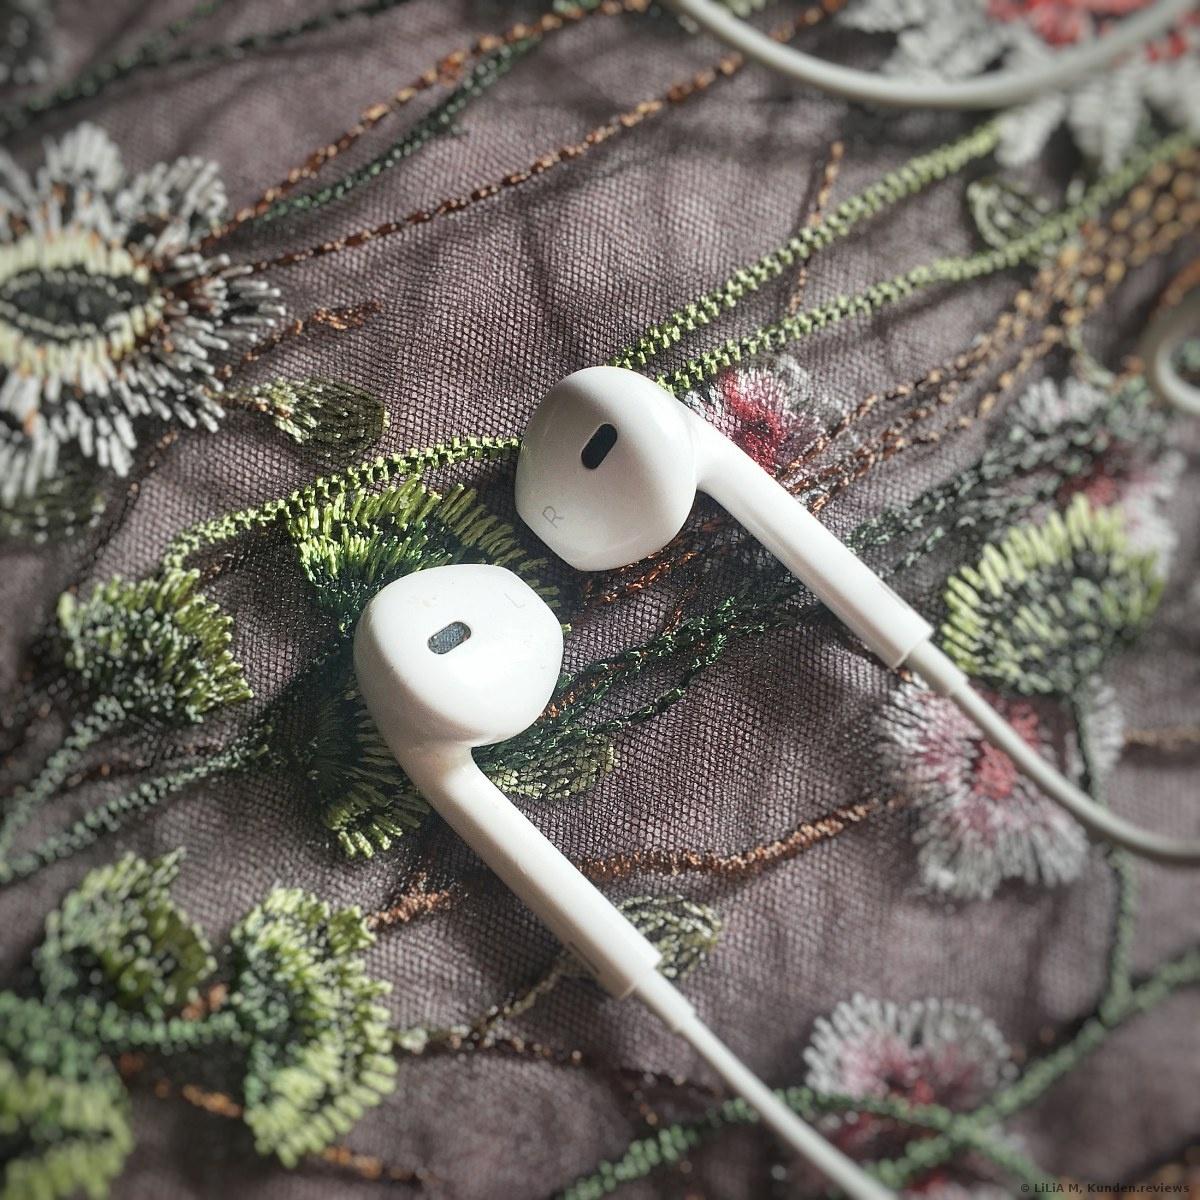 Apple EarPods Kopfhörer Foto